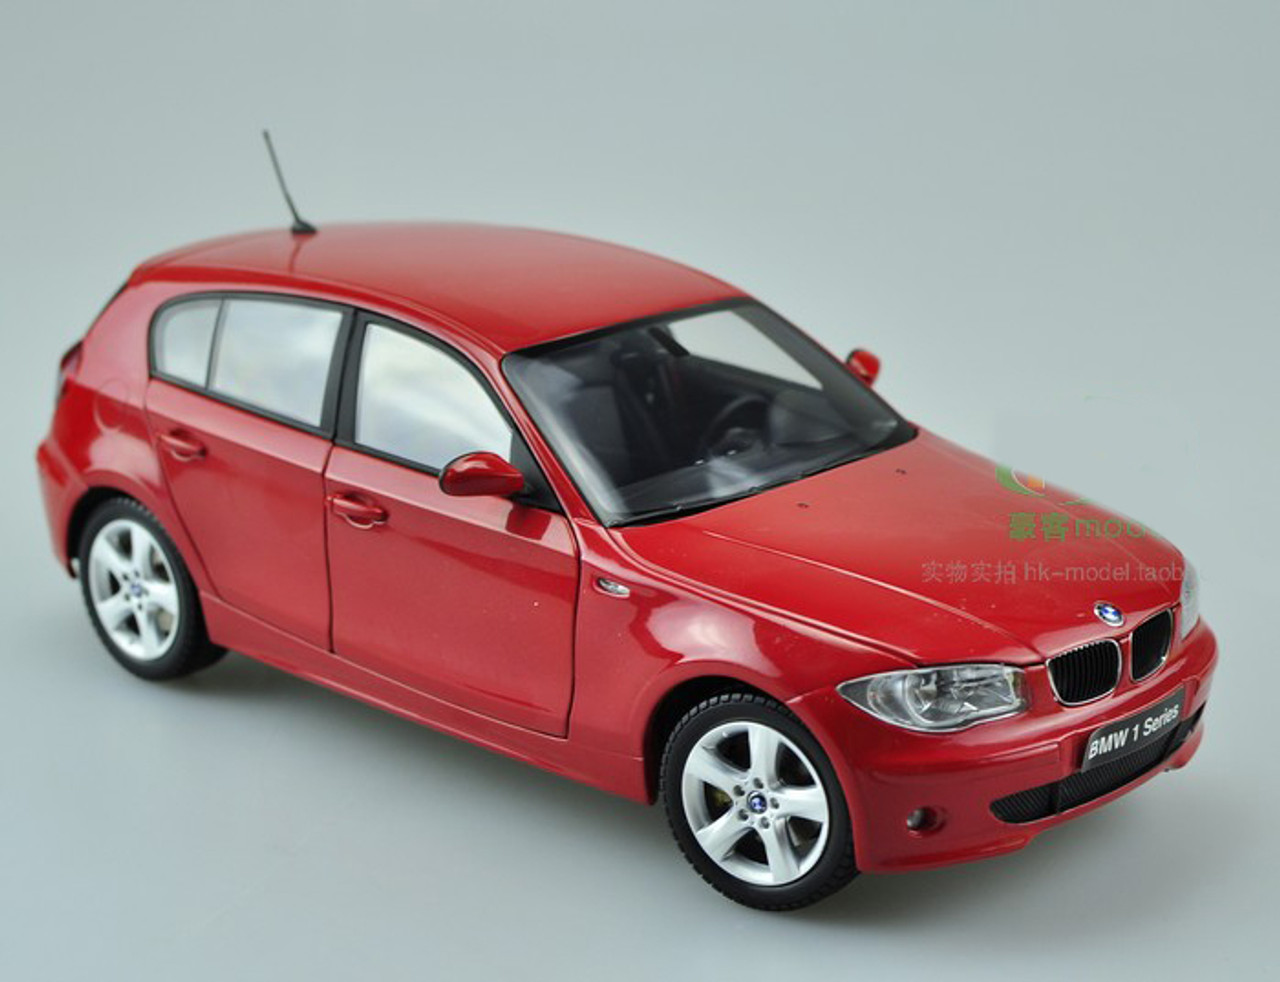 1/18 Kyosho BMW 120i (Red)